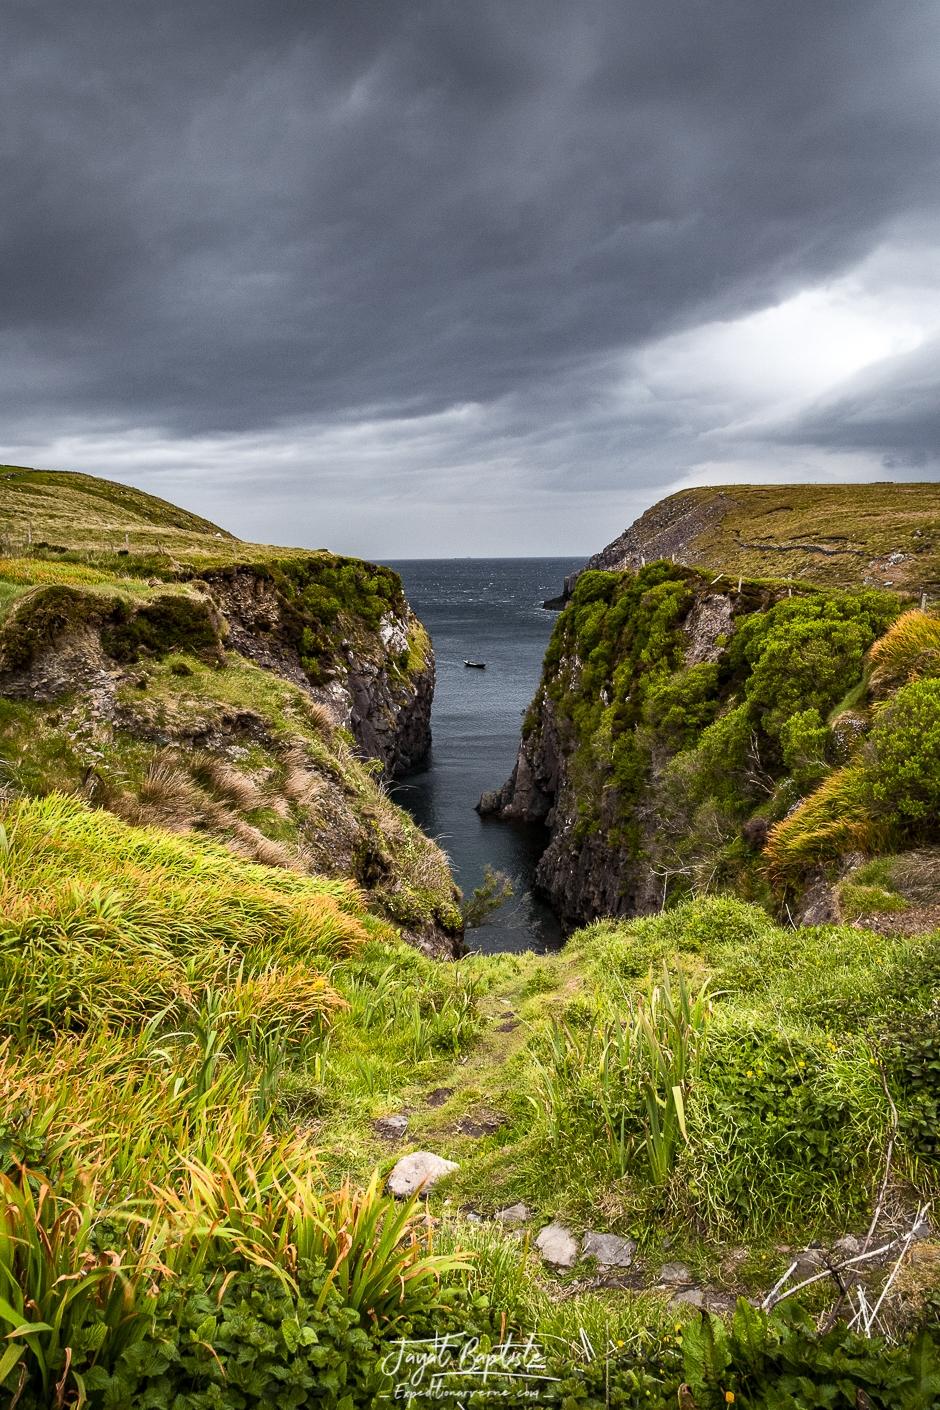 Expeditionarverne-Irlande©032